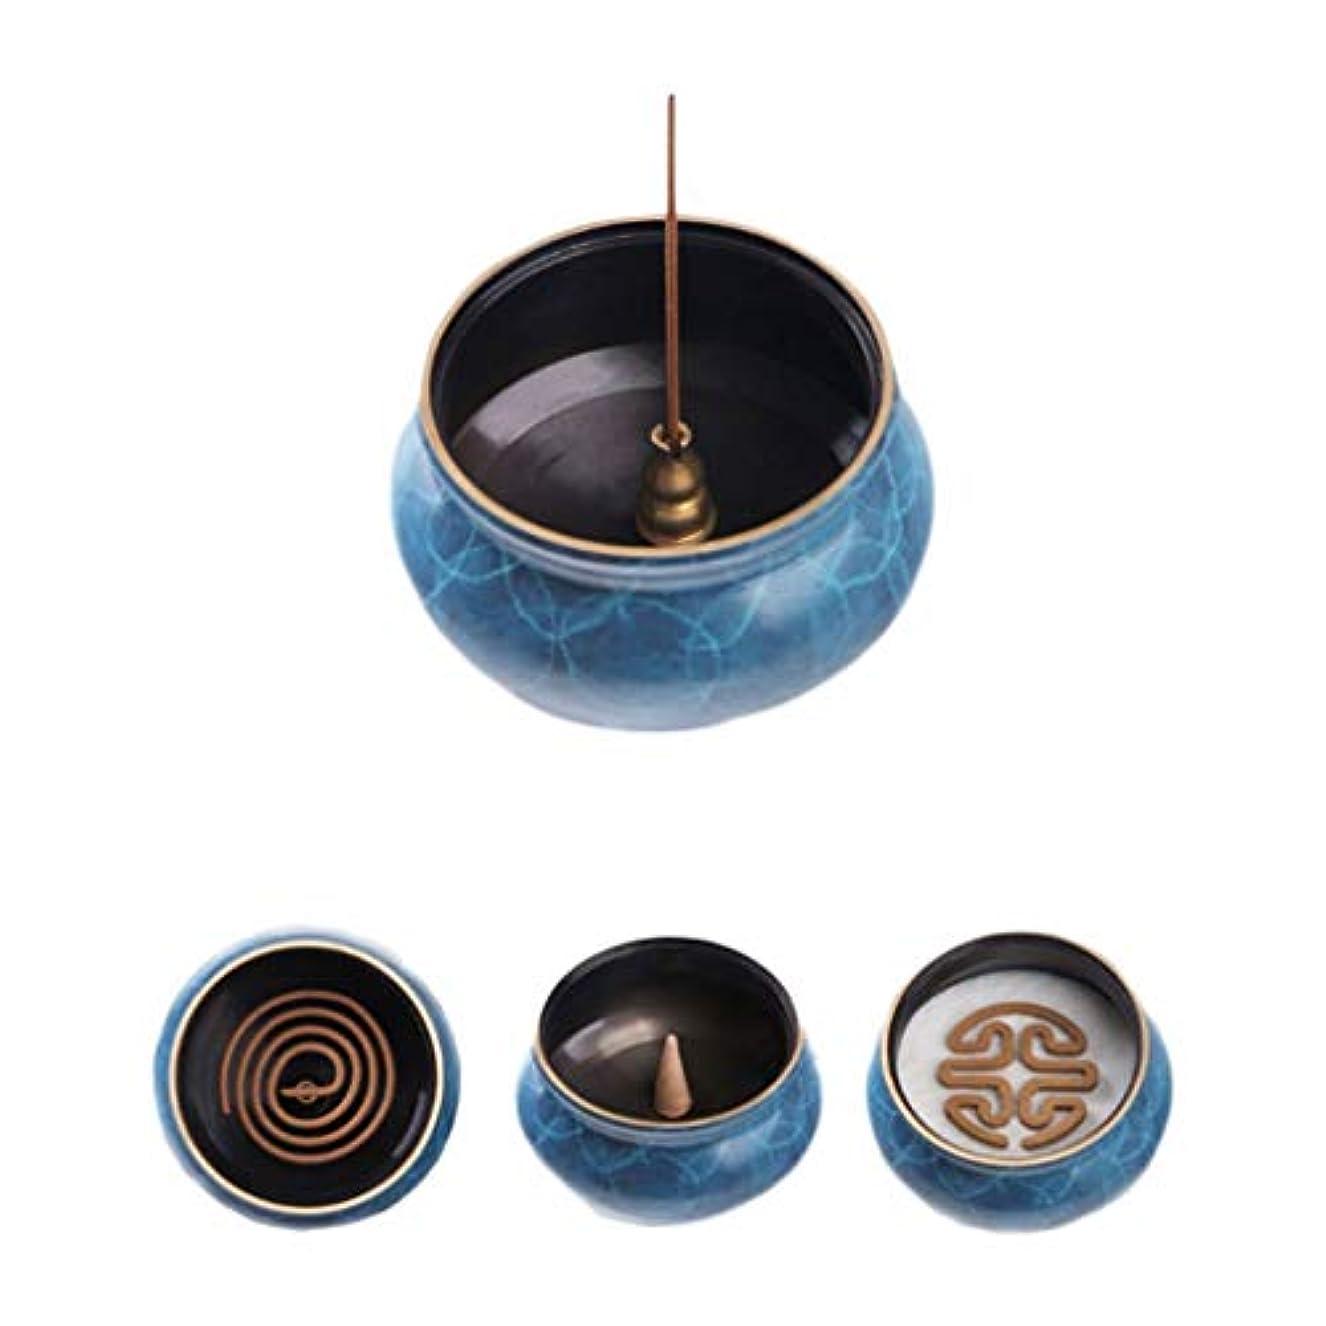 コマース平手打ち何よりもホームアロマバーナー 純粋な銅香炉ホームアンティーク白檀用仏寒天香炉香り装飾アロマセラピー炉 アロマバーナー (Color : Blue copper)